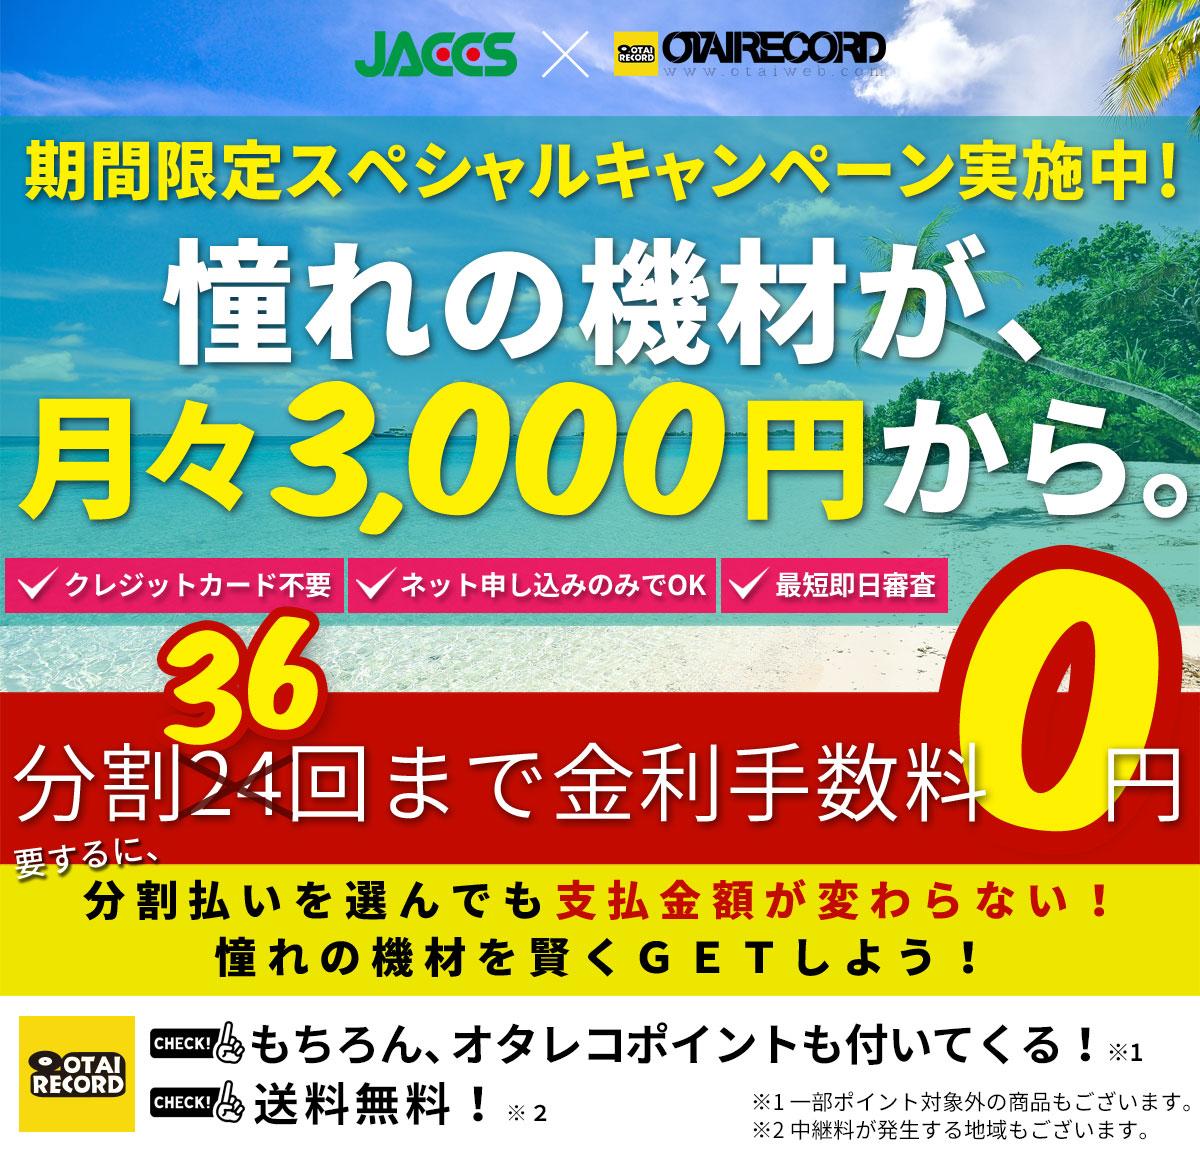 憧れの機材が月々3,000円から。期間限定で分割36回まで金利手数料が0円!